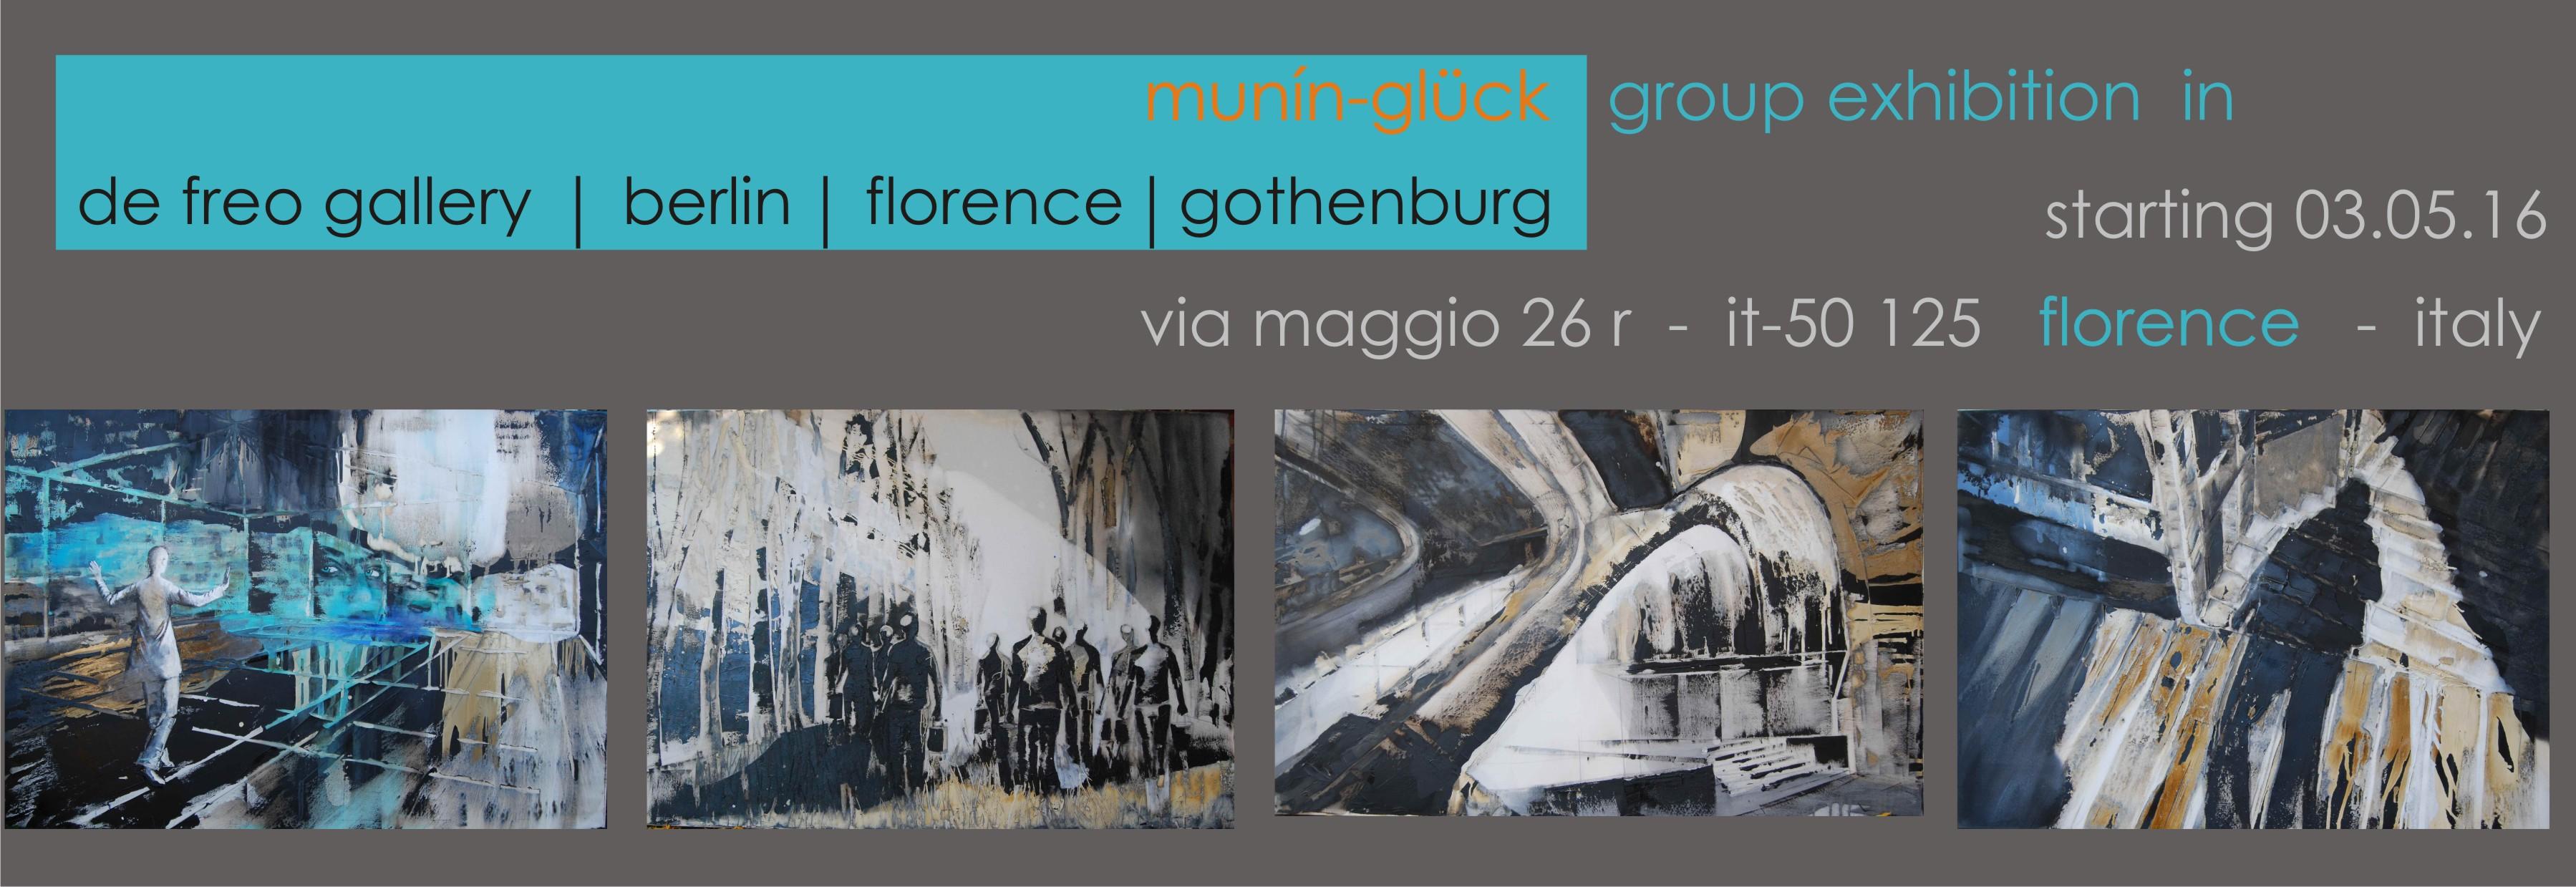 Ausstellung de freo gallery Florenz ab 03.05.2016